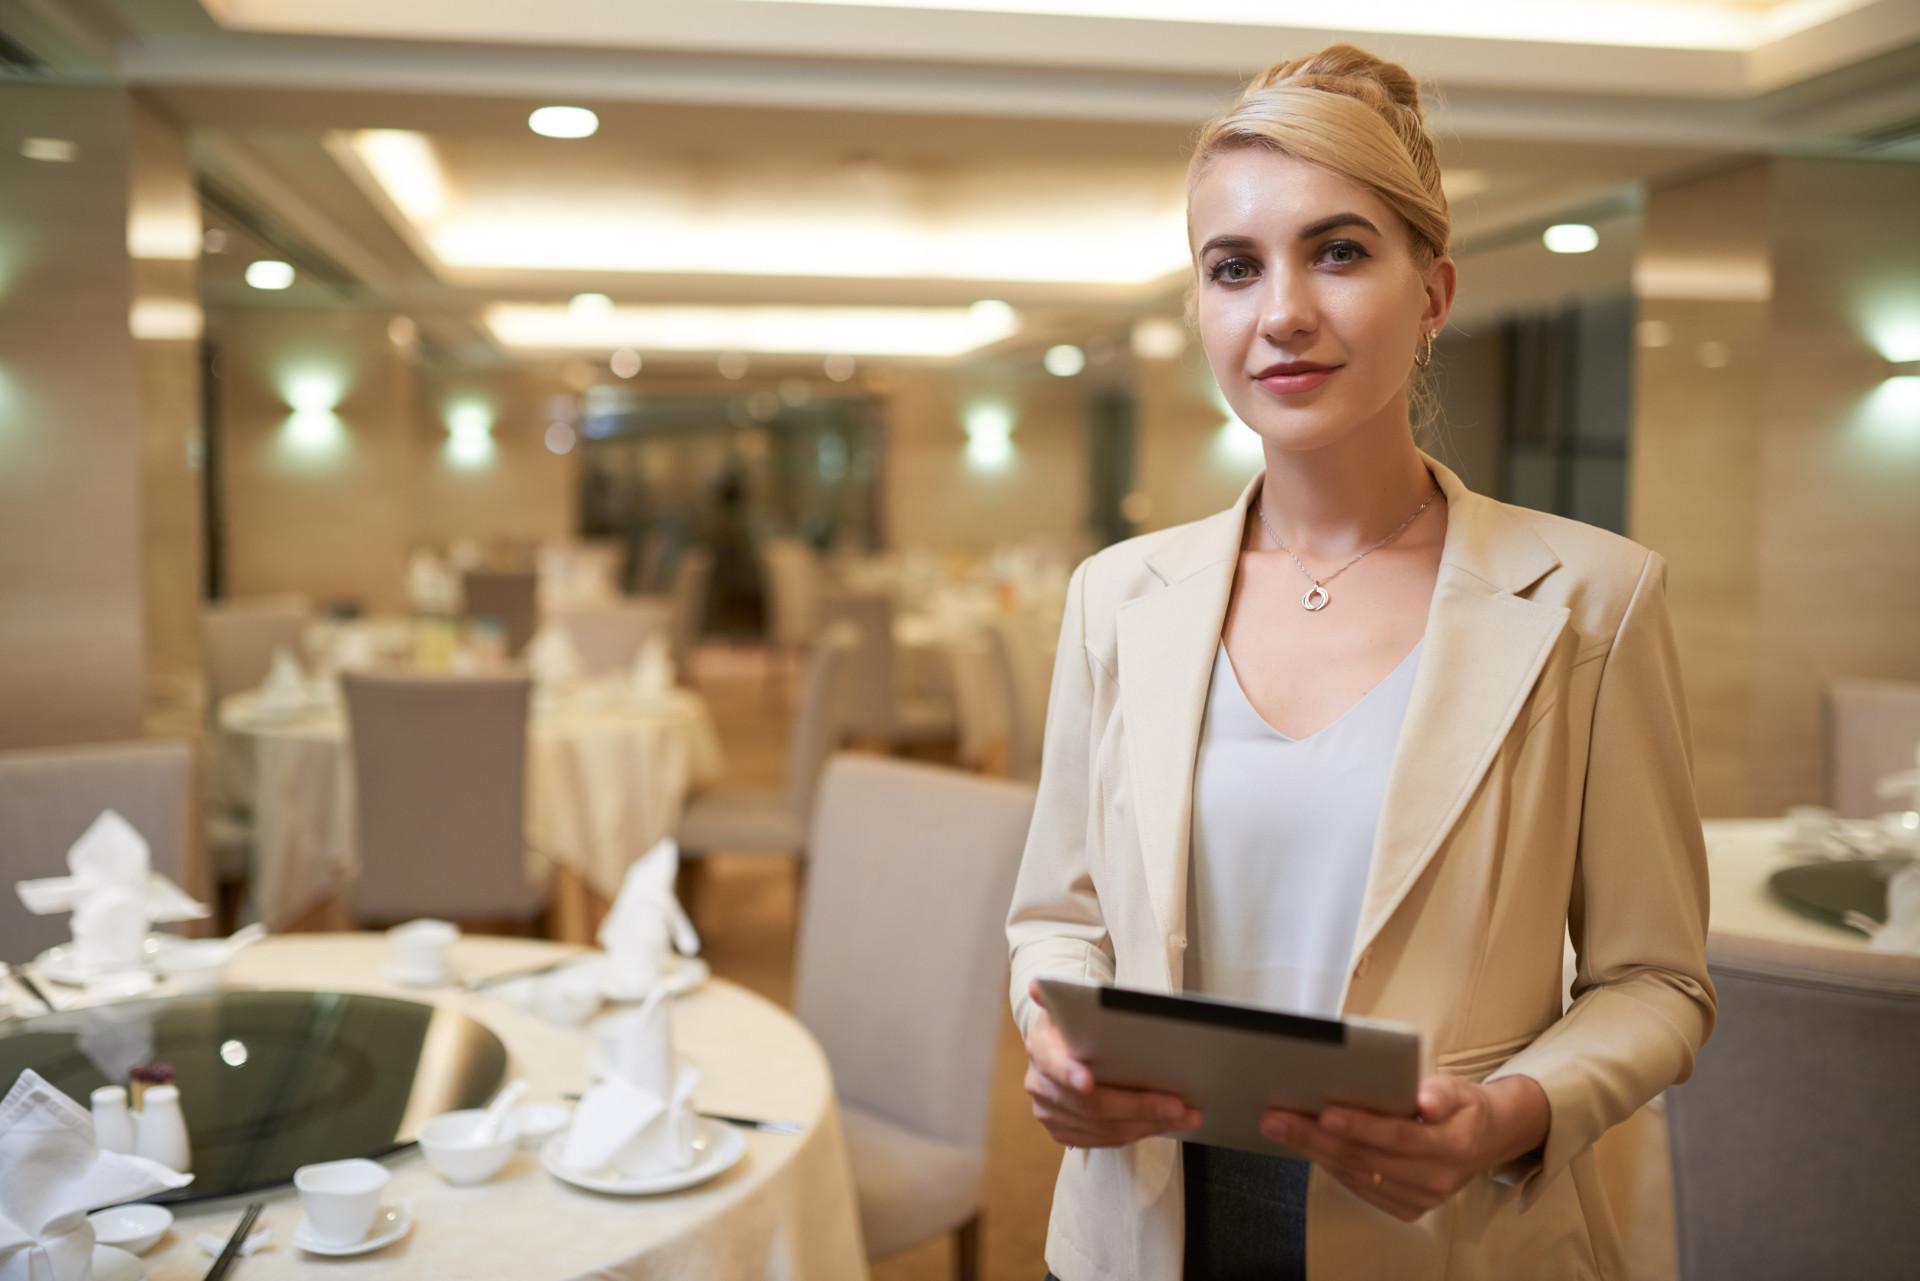 Empregados de mesa temporários ou em regime de outsourcing